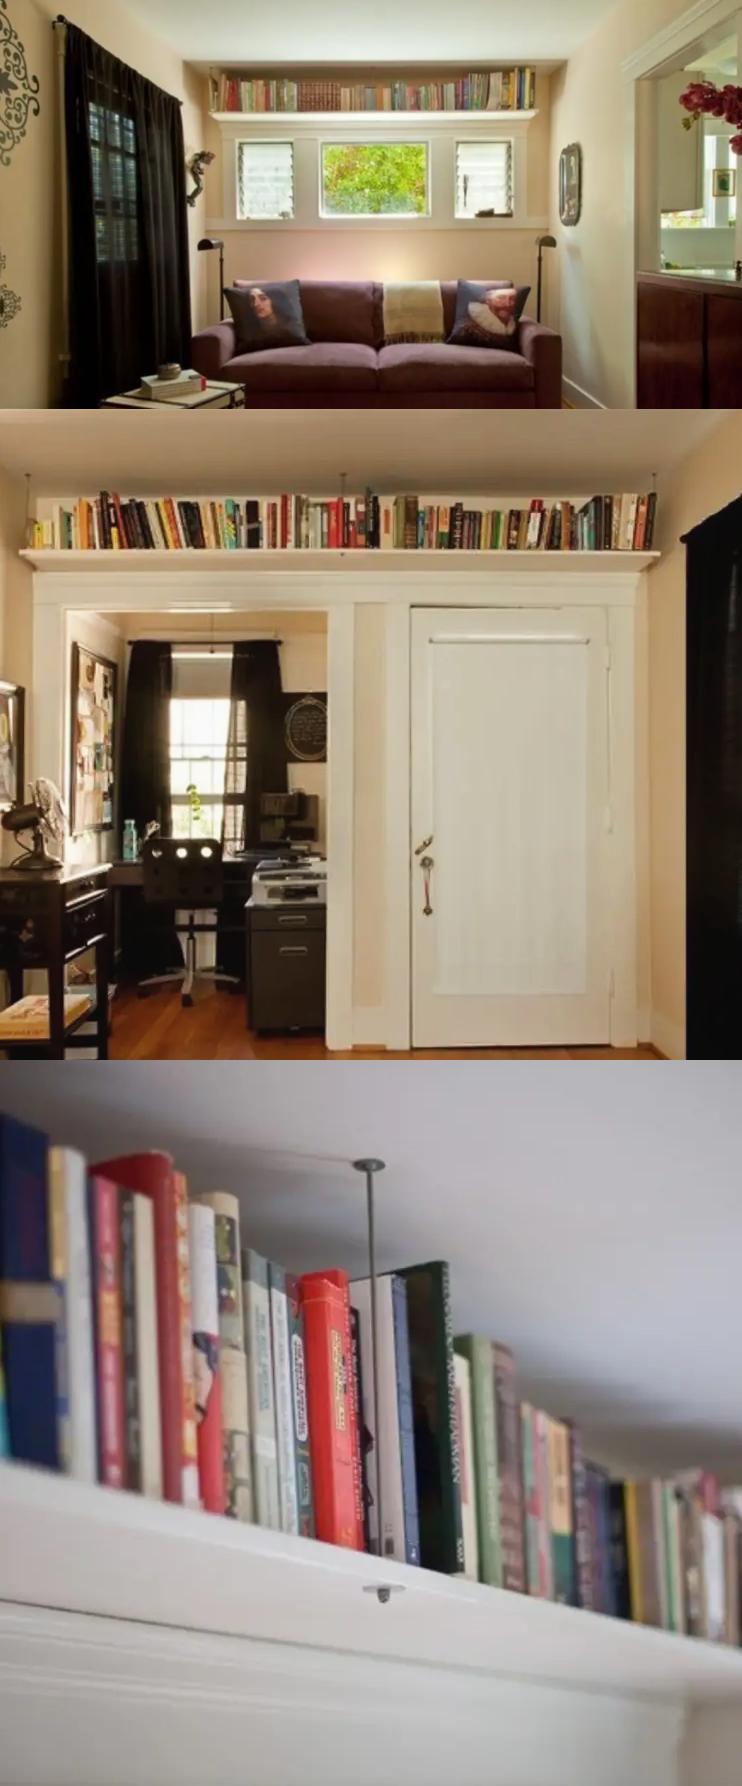 5 Shelves near the ceiling via simphome